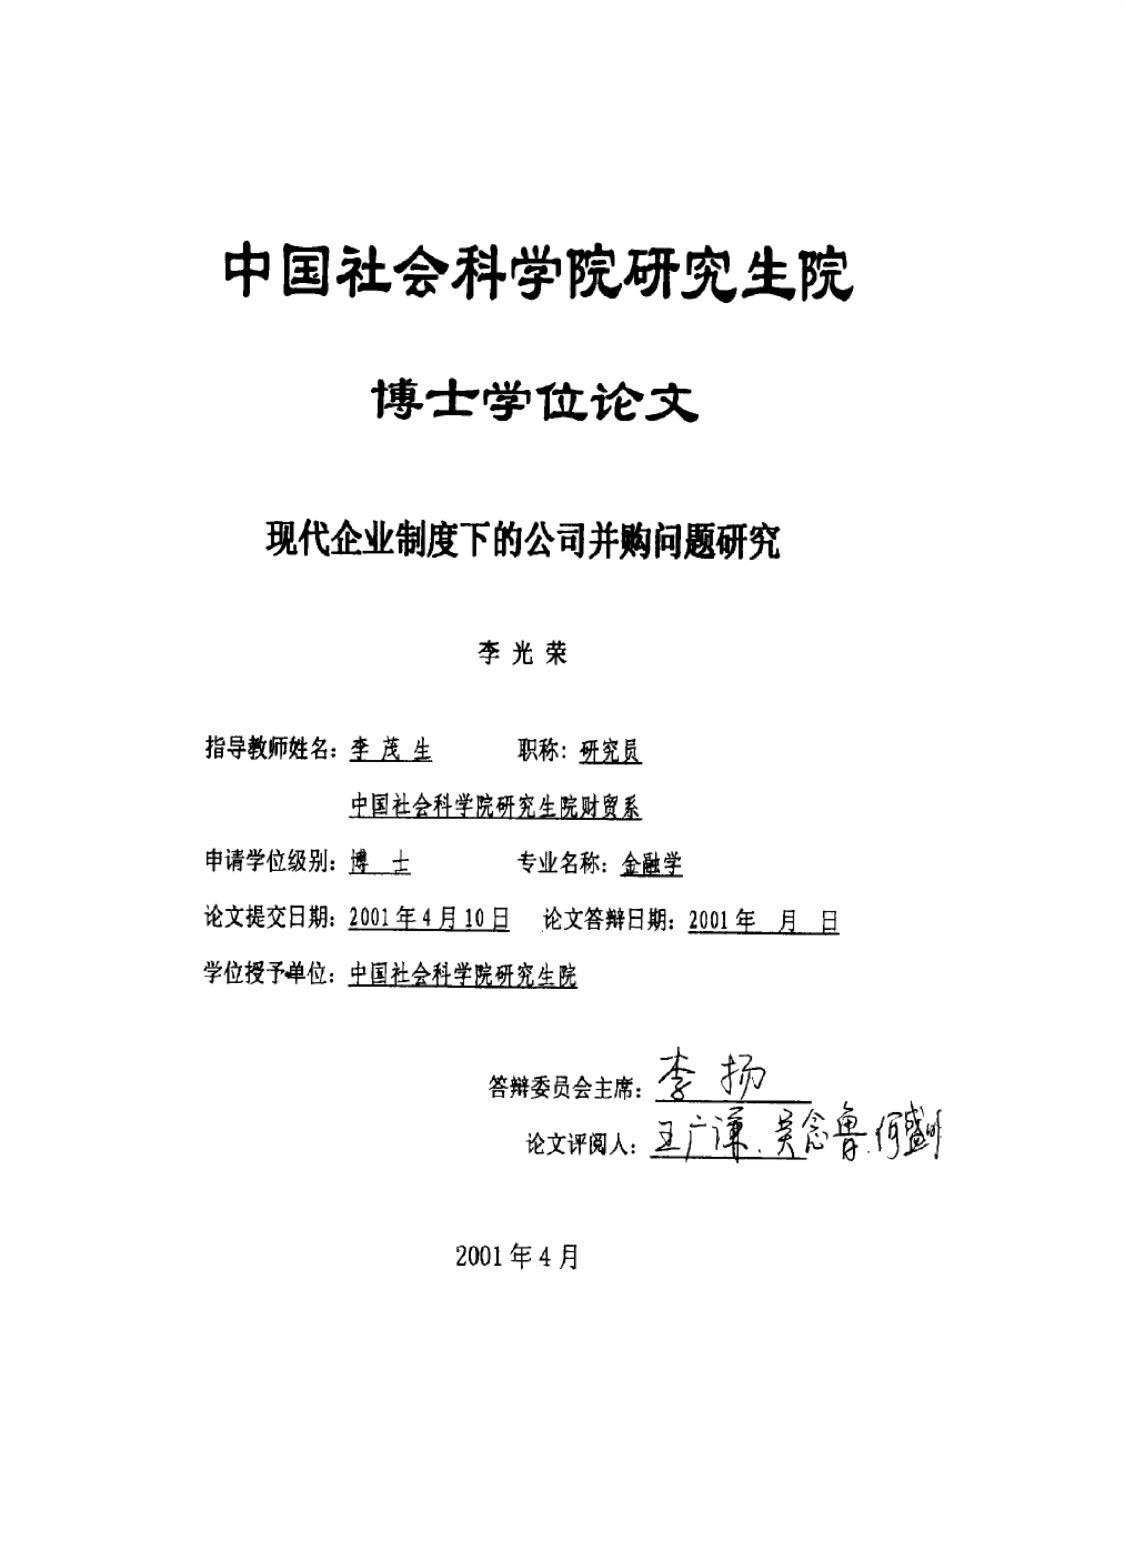 李光荣的博士毕业论文